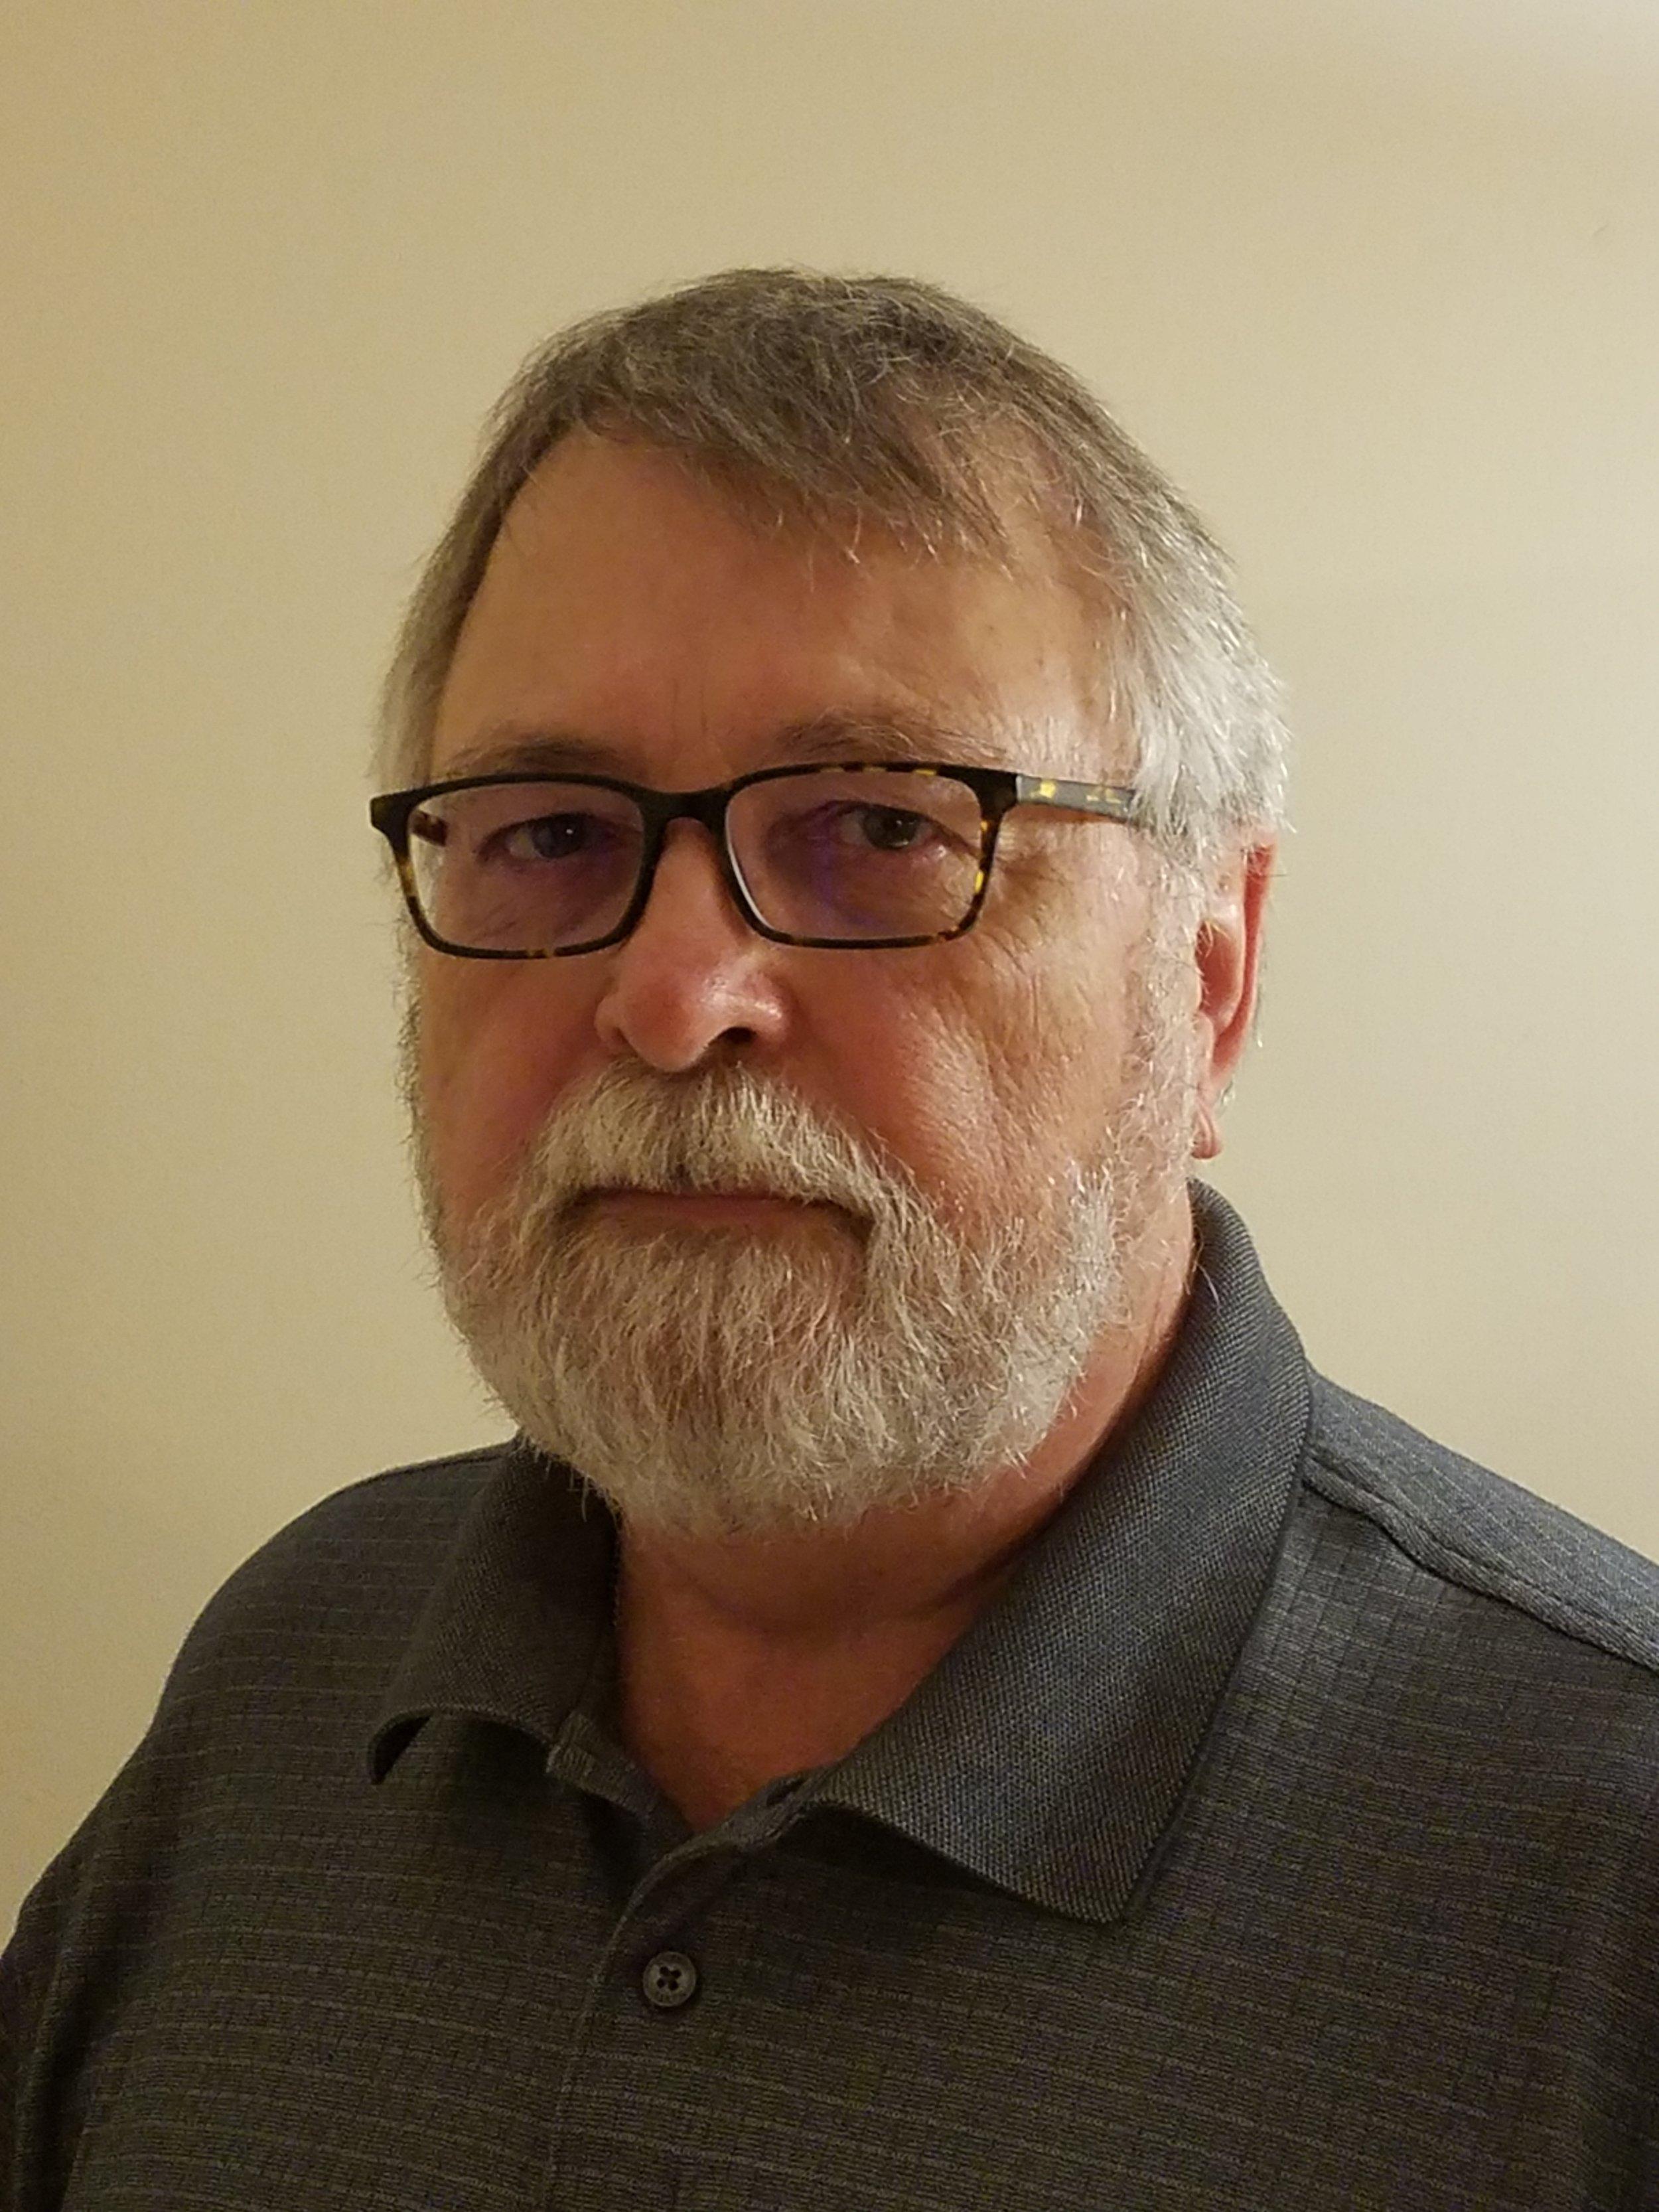 Dan Lambert, Senior Product Manager, ZincFive